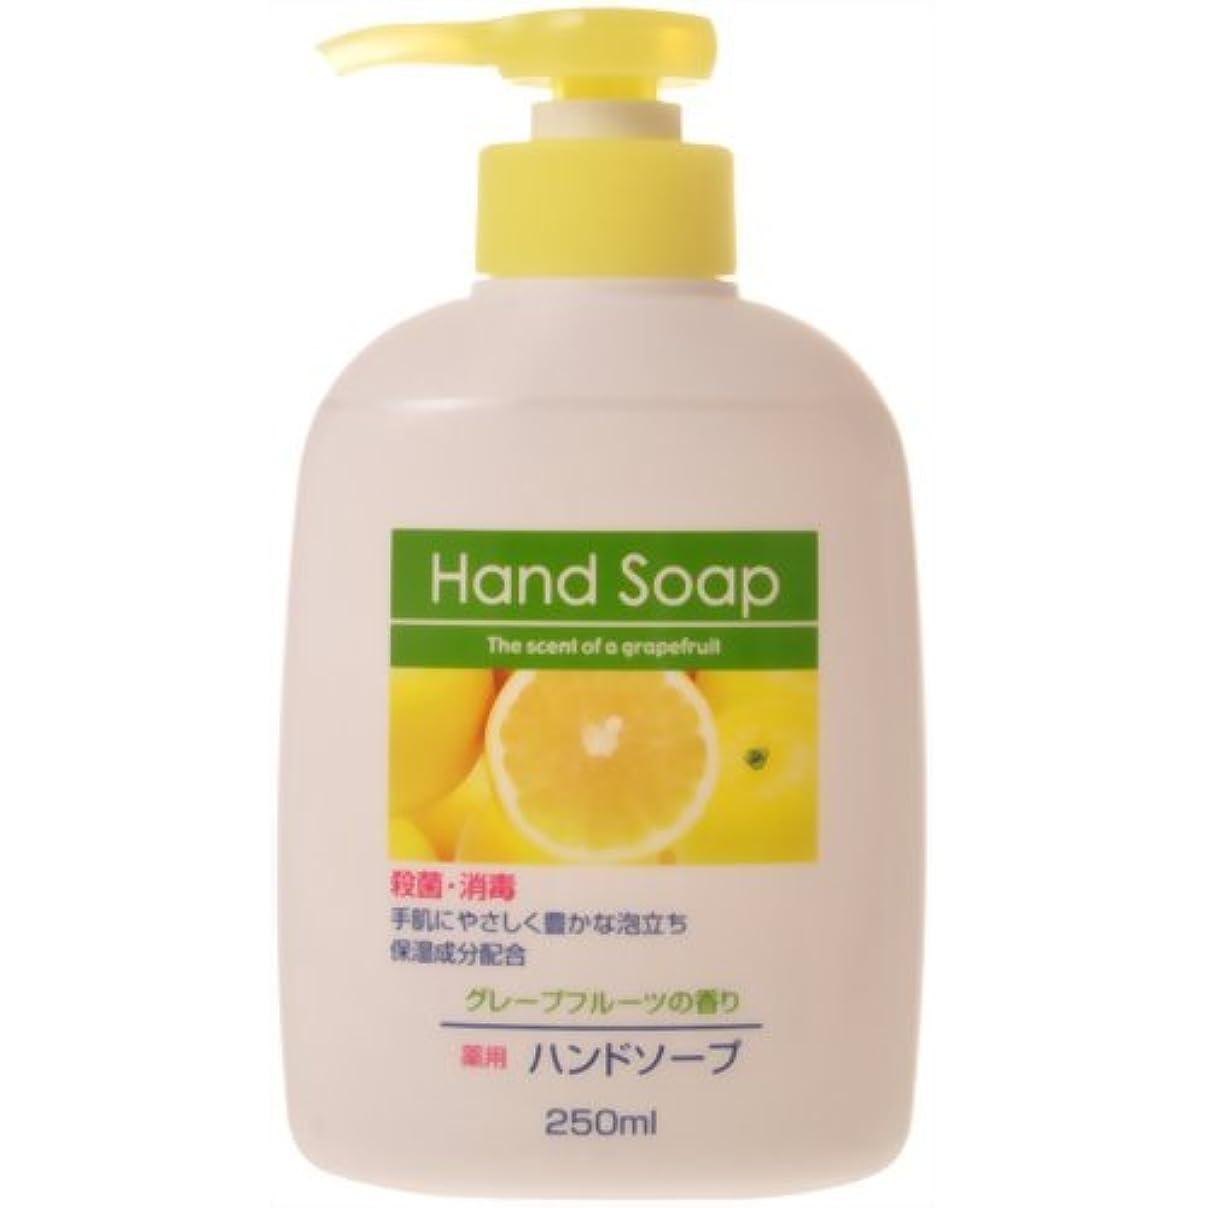 のれん放射能座る薬用ハンドソープ グレープフルーツの香り 本体 250ml